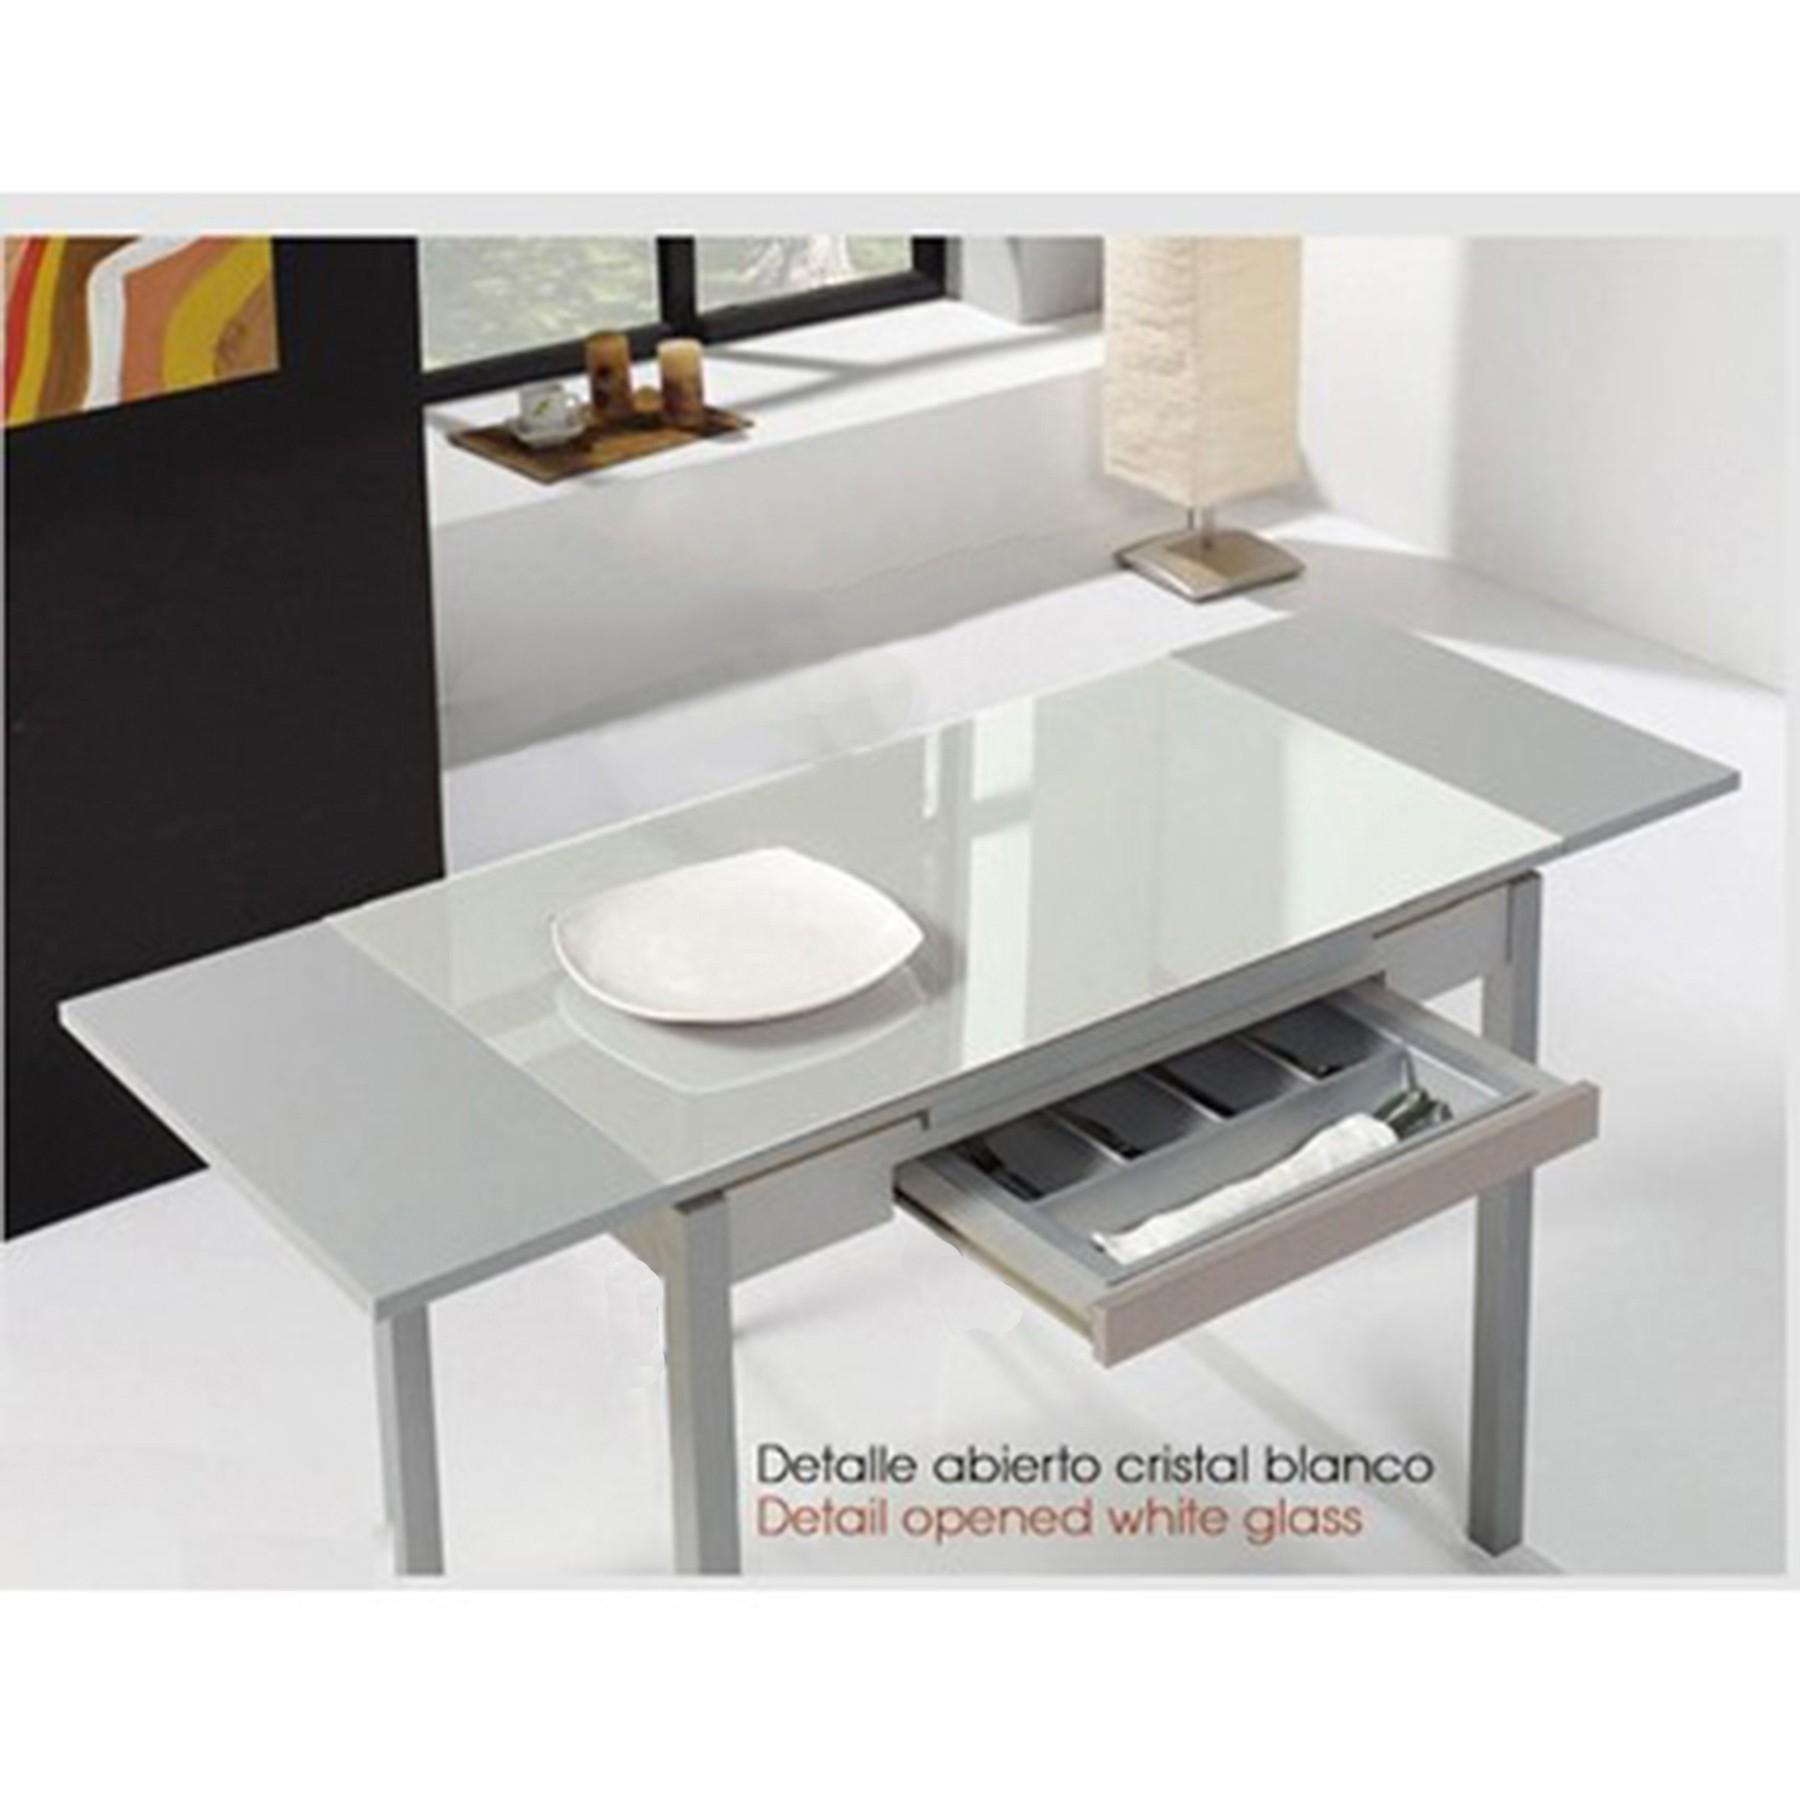 Mesa de cocina con alas extensibles modelo a for Mesas para cocina extensibles